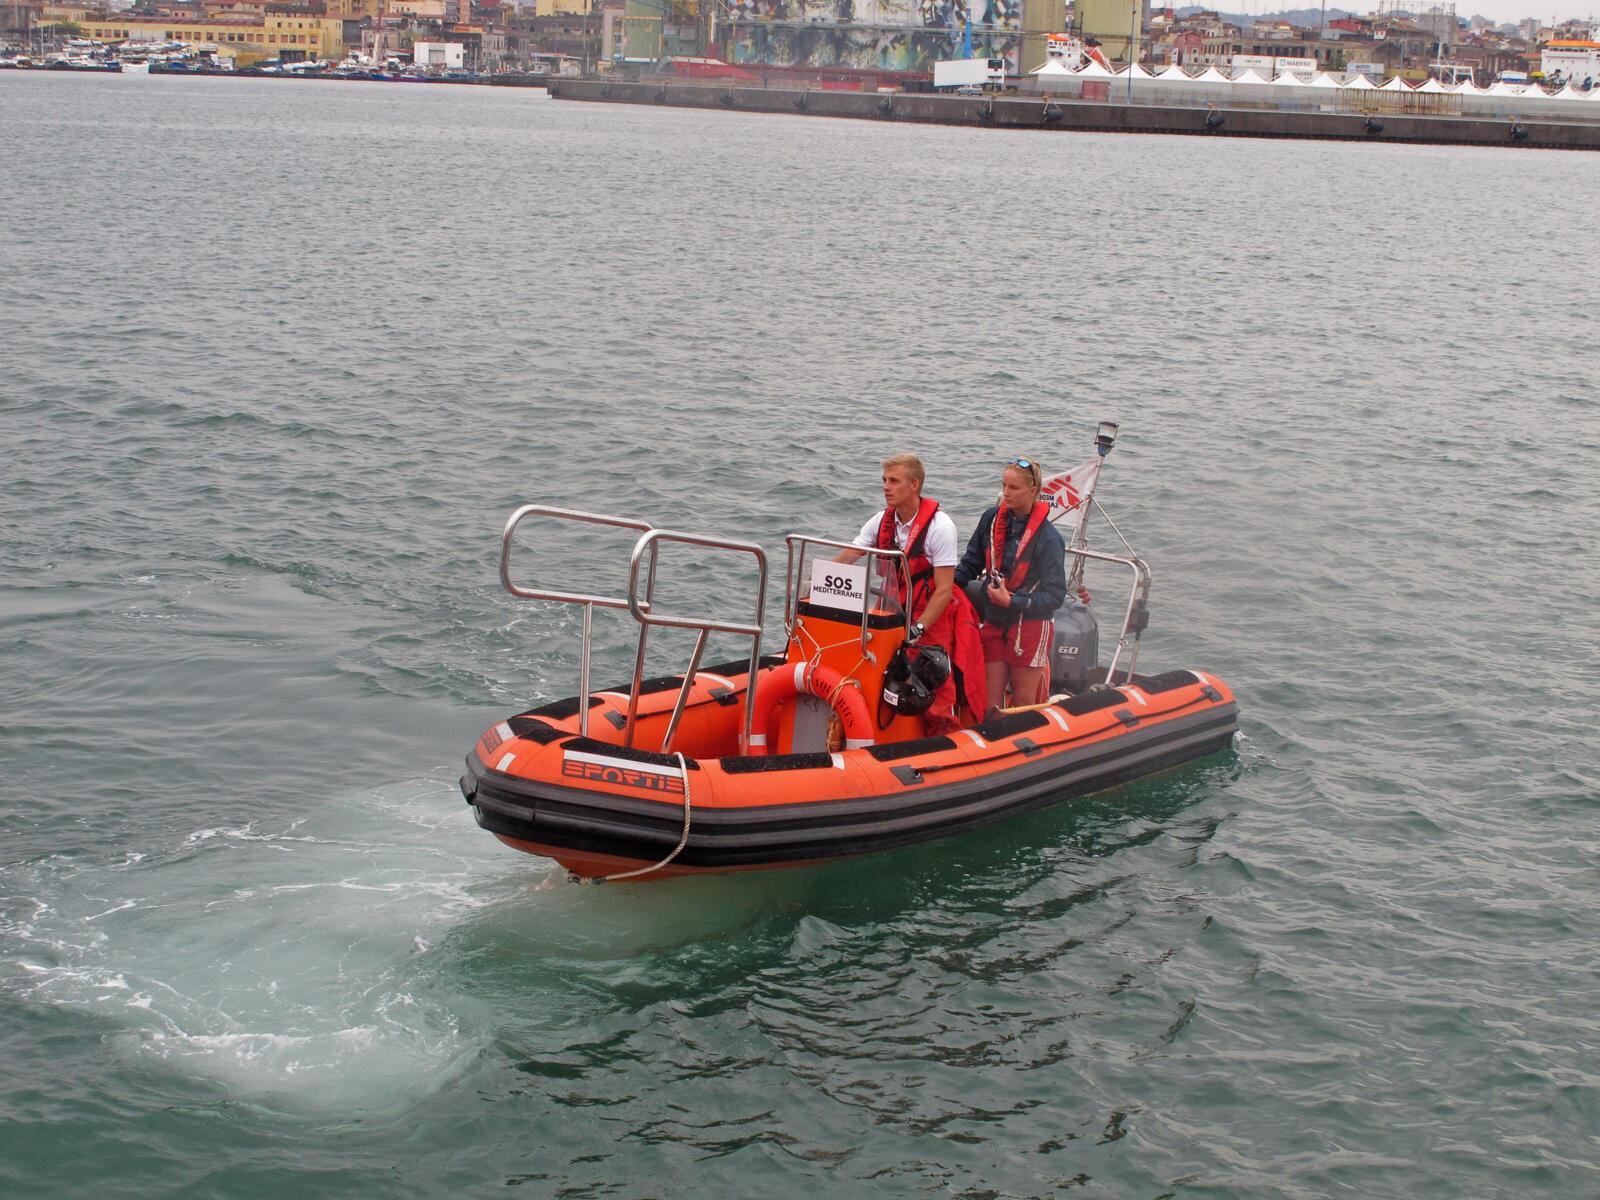 Mary Finn et Antoine Laurent vérifient le bon fonctionnement des canots de sauvetage.